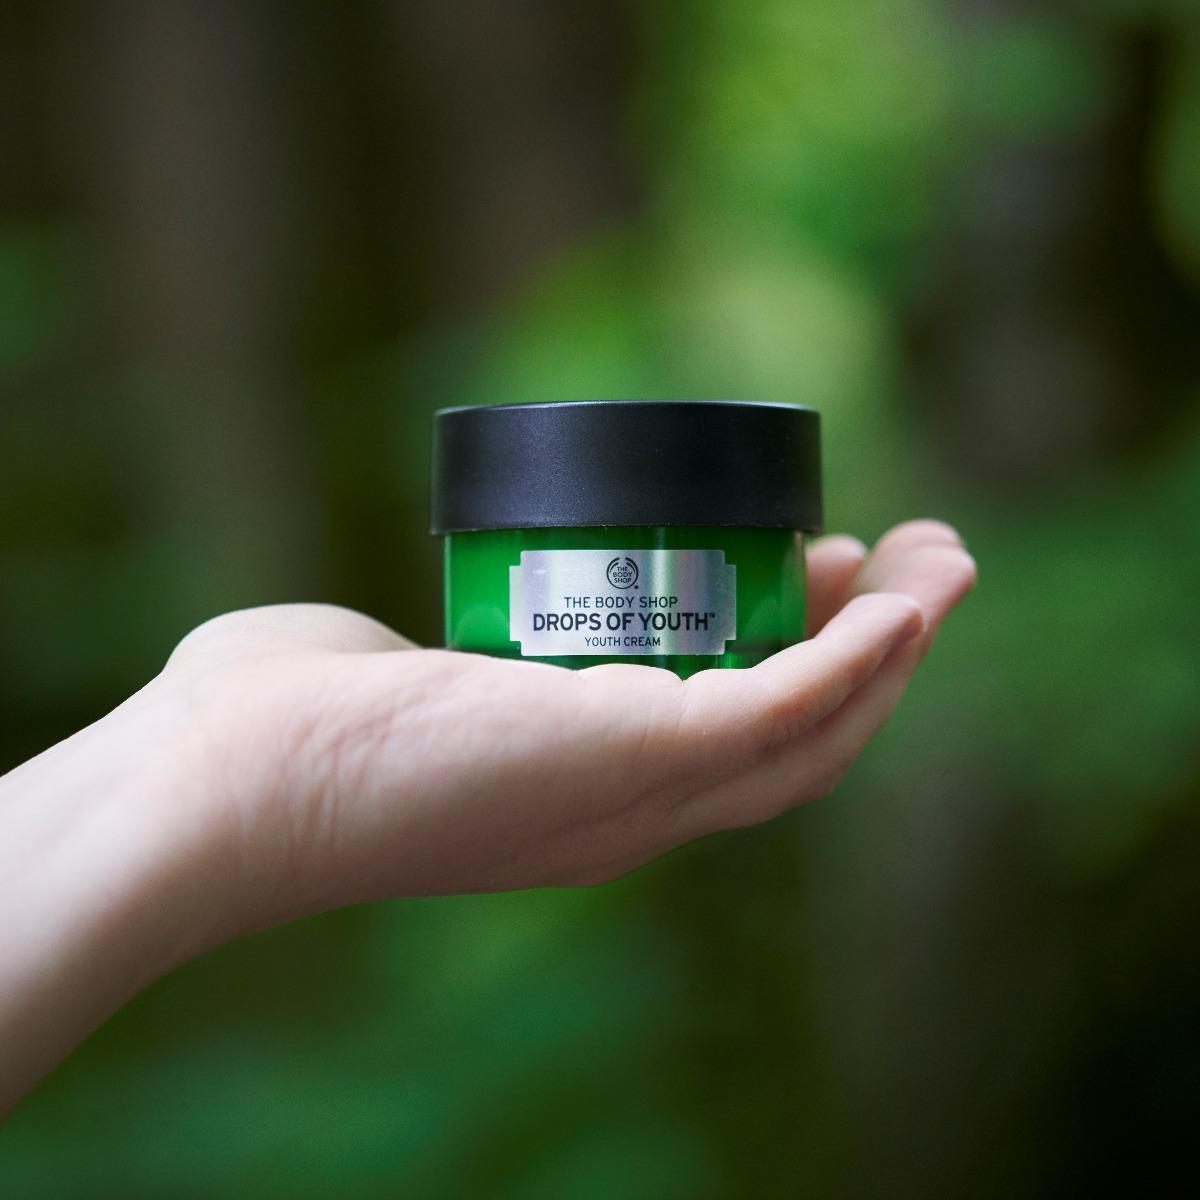 Skin Care Viva Untuk Kulit Berminyak: Ketahui Skin Care Yang Tepat Sesuai Dengan Jenis Kulit